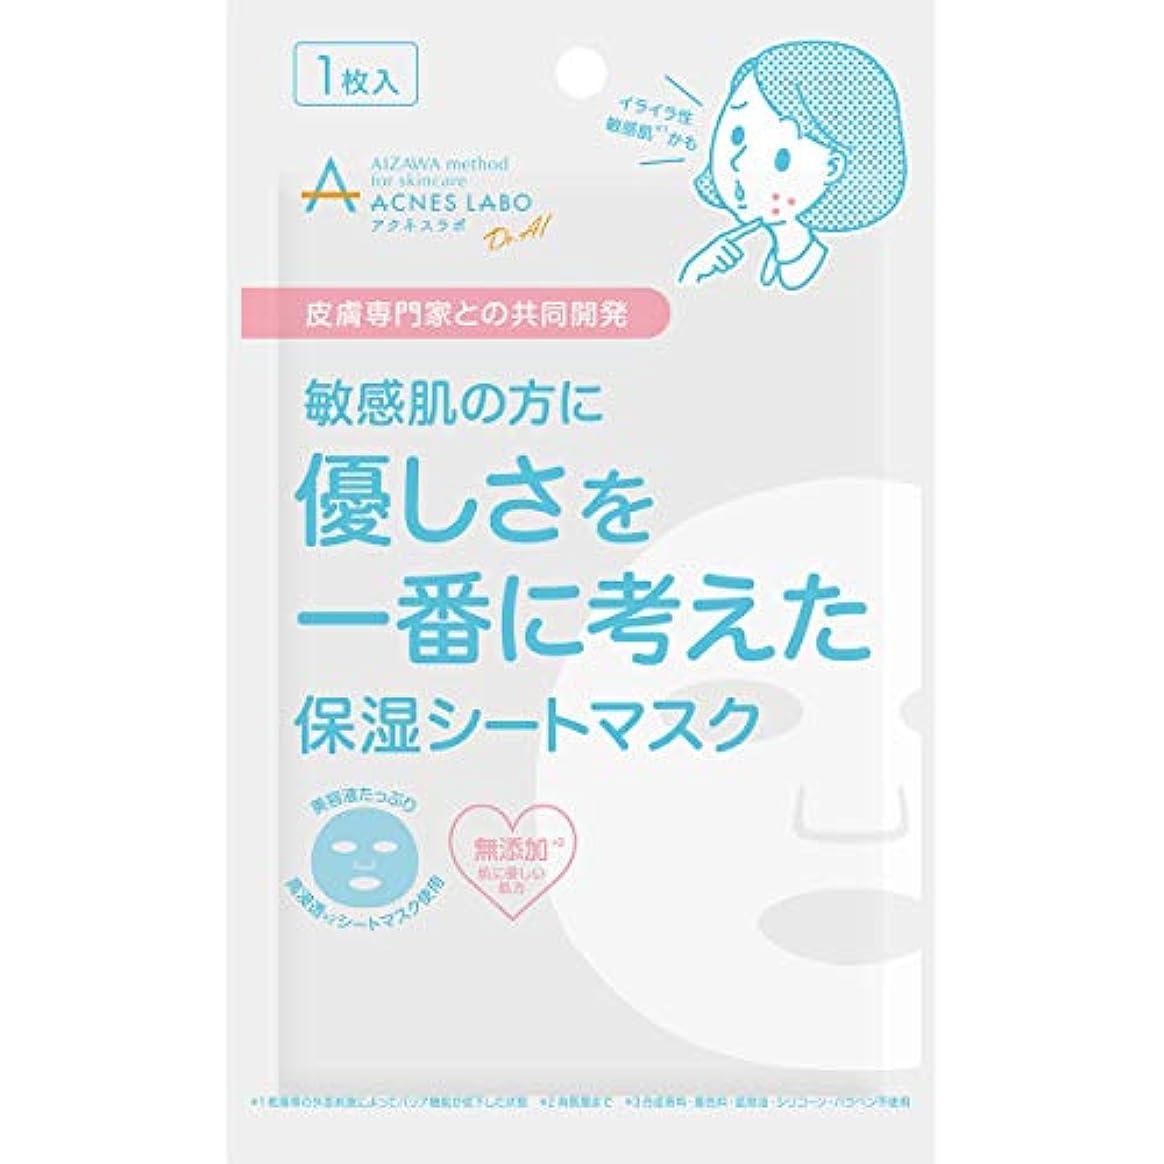 リマークフルーティーおじいちゃんアクネスラボ モイスチャーフェイスマスク 22ml×1枚